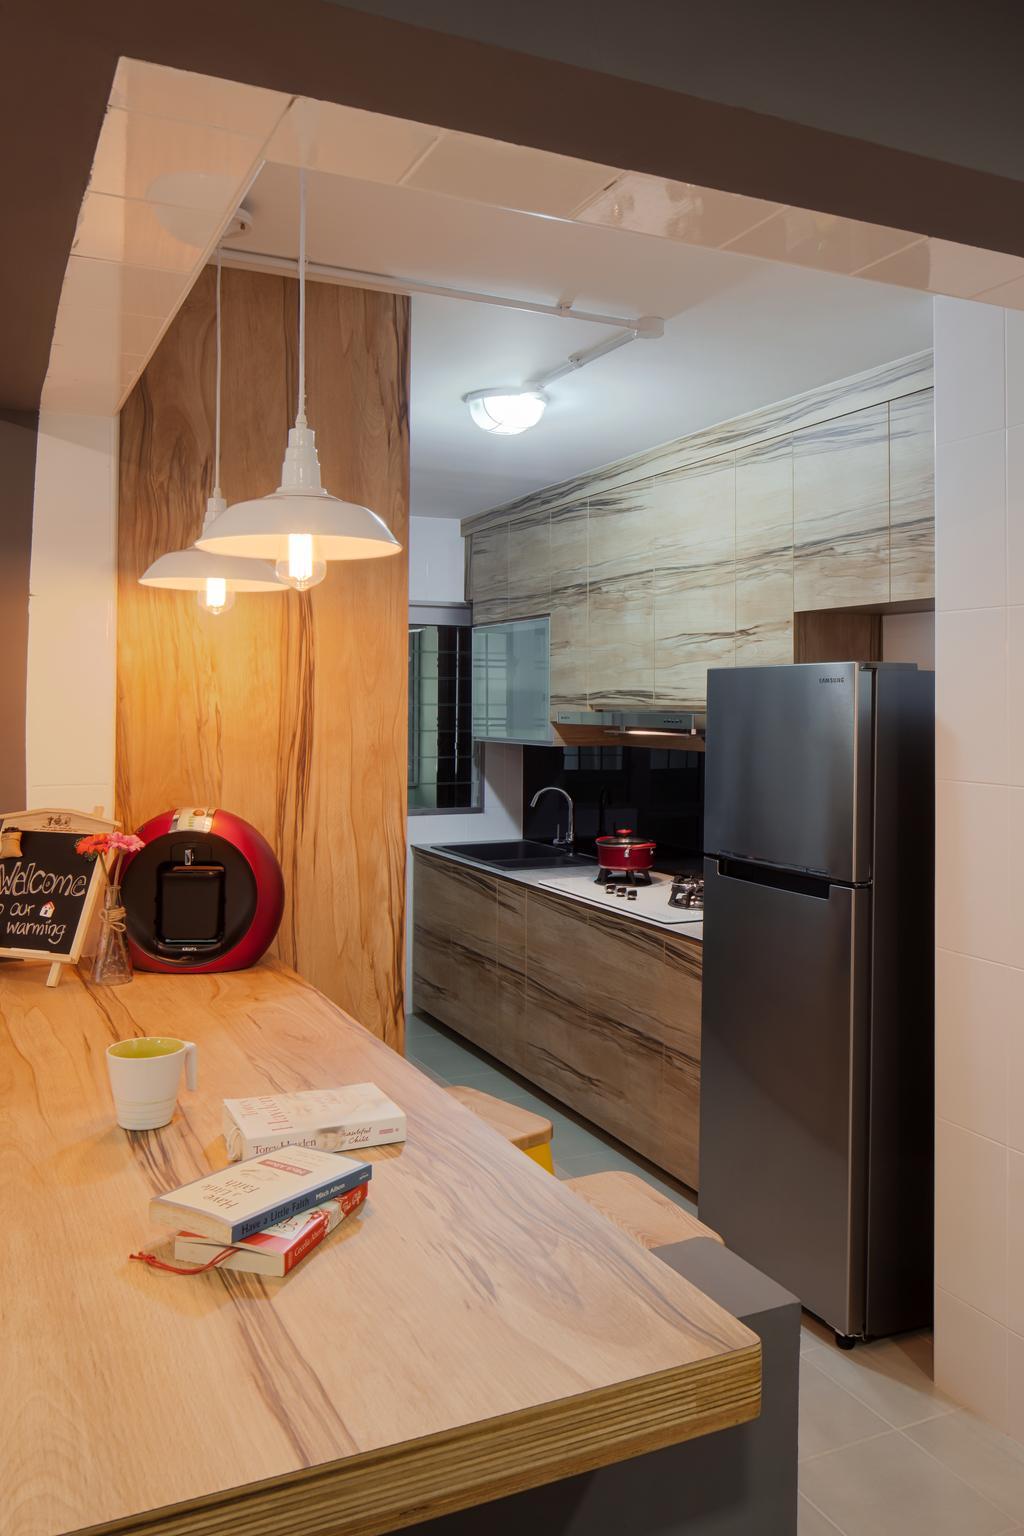 Scandinavian, HDB, Kitchen, Choa Chu Kang Avenue 5, Interior Designer, Weiken.com, Appliance, Electrical Device, Fridge, Refrigerator, Building, Housing, Indoors